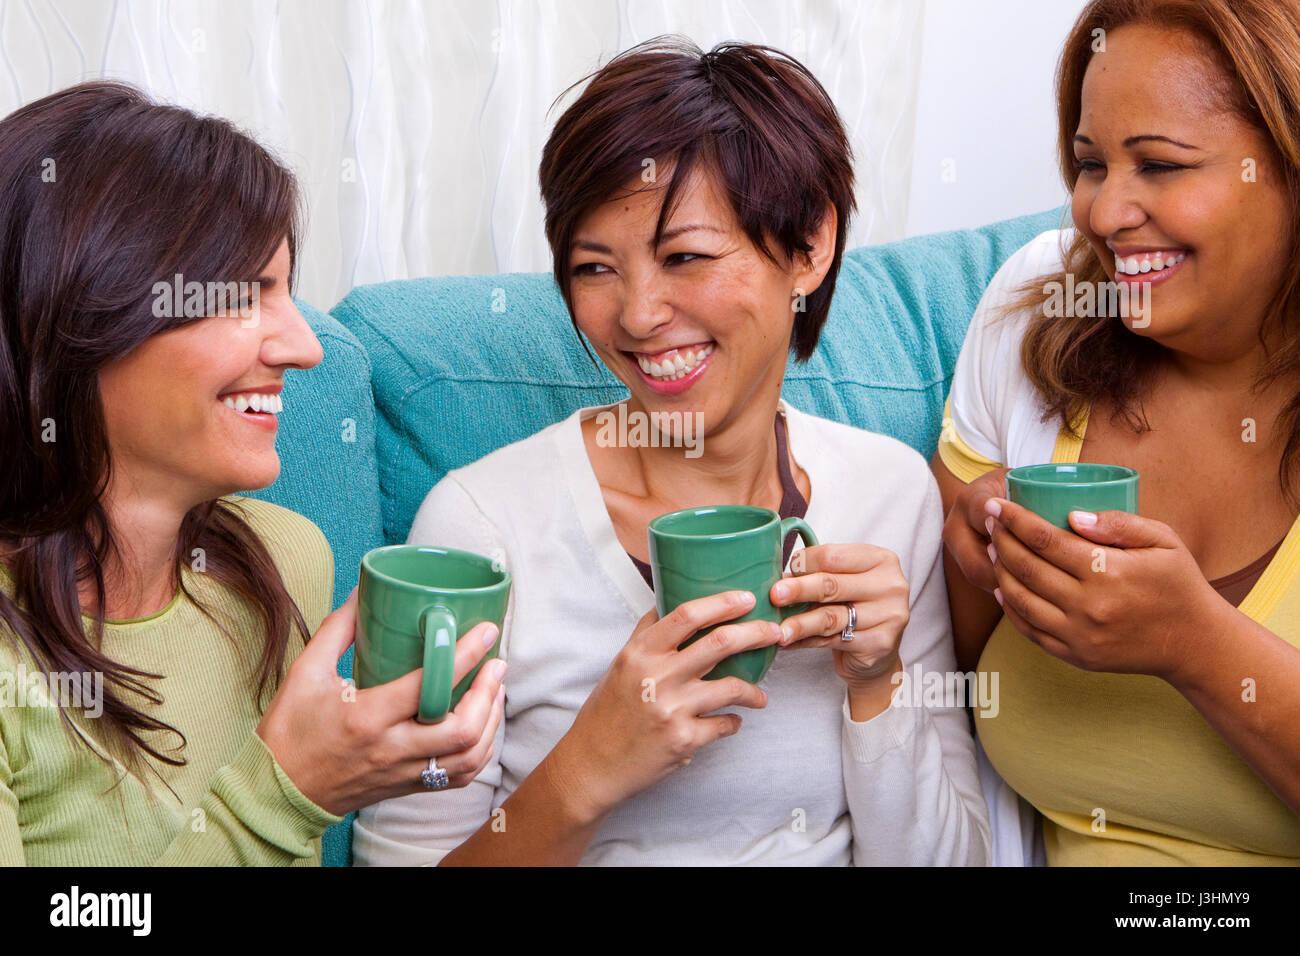 Heterogene Gruppe von Frauen reden und lachen. Stockbild